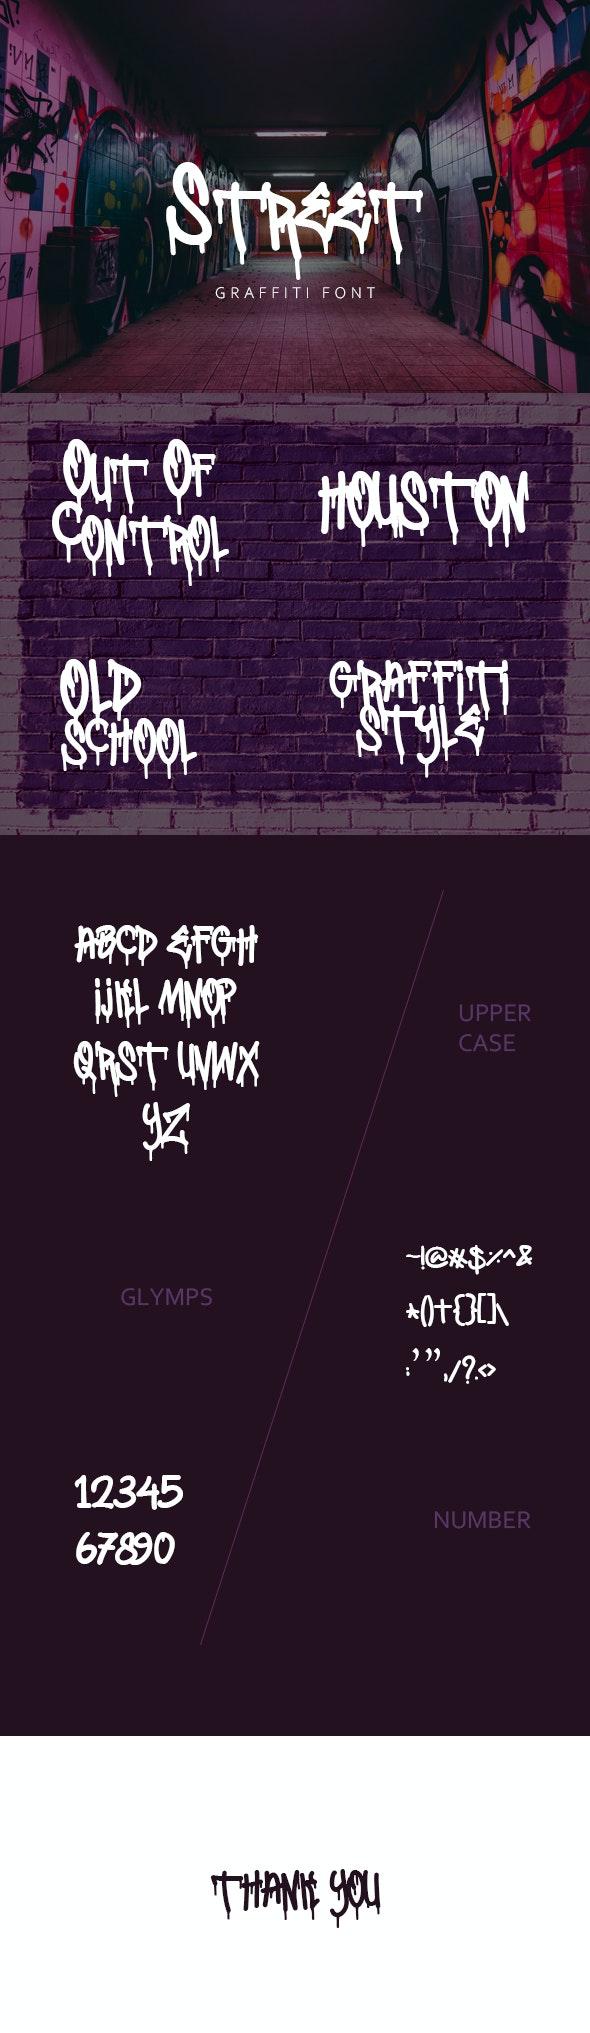 Street Graffiti Fonts - Graffiti Fonts